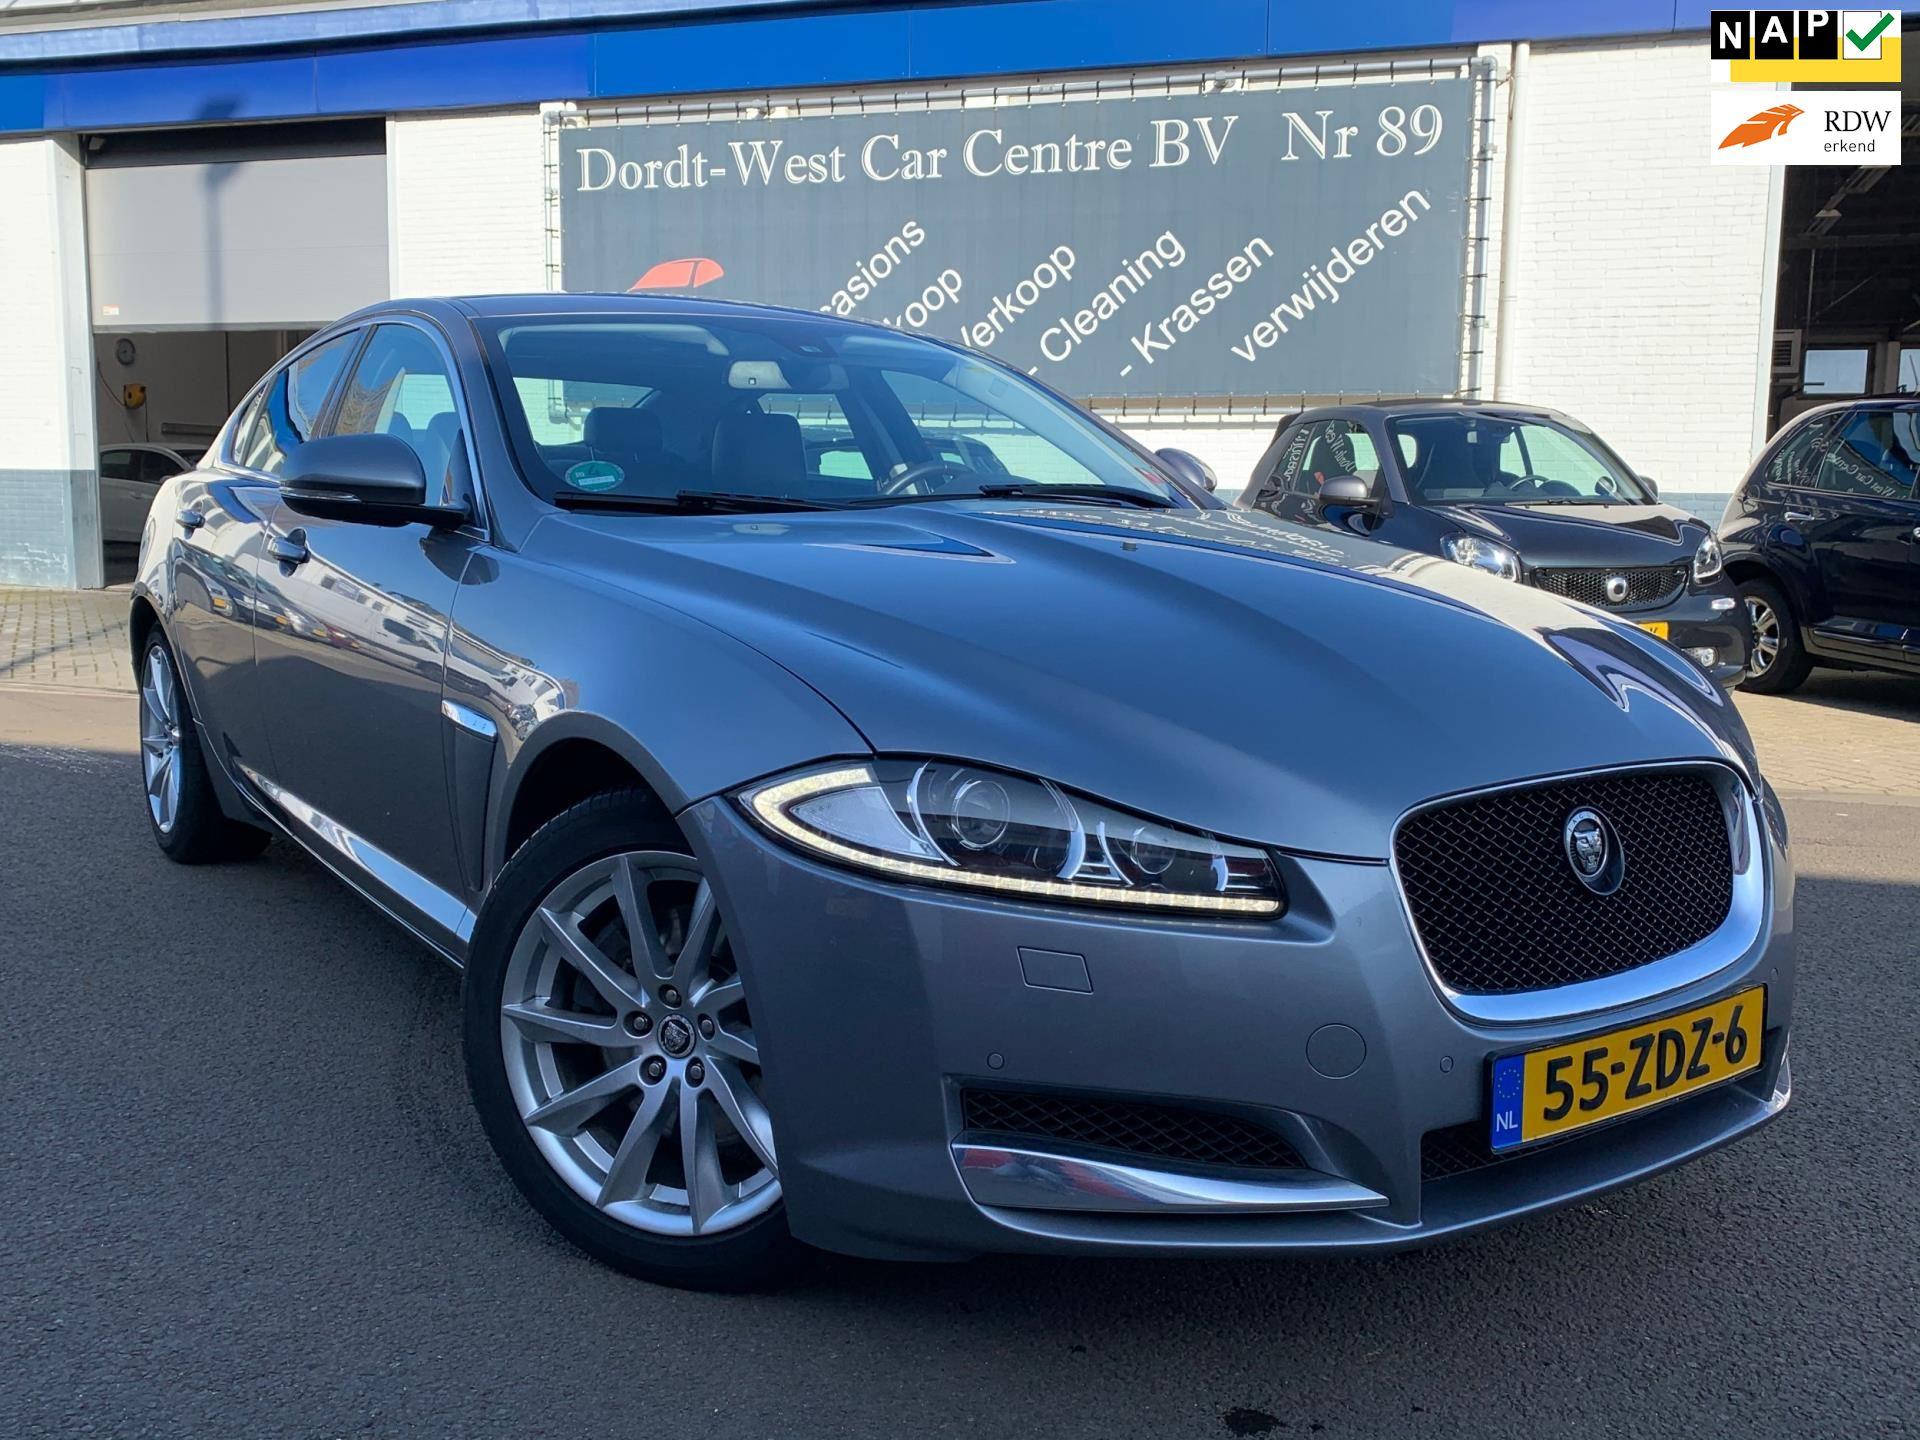 Jaguar XF occasion - Dordt-West Car Centre BV